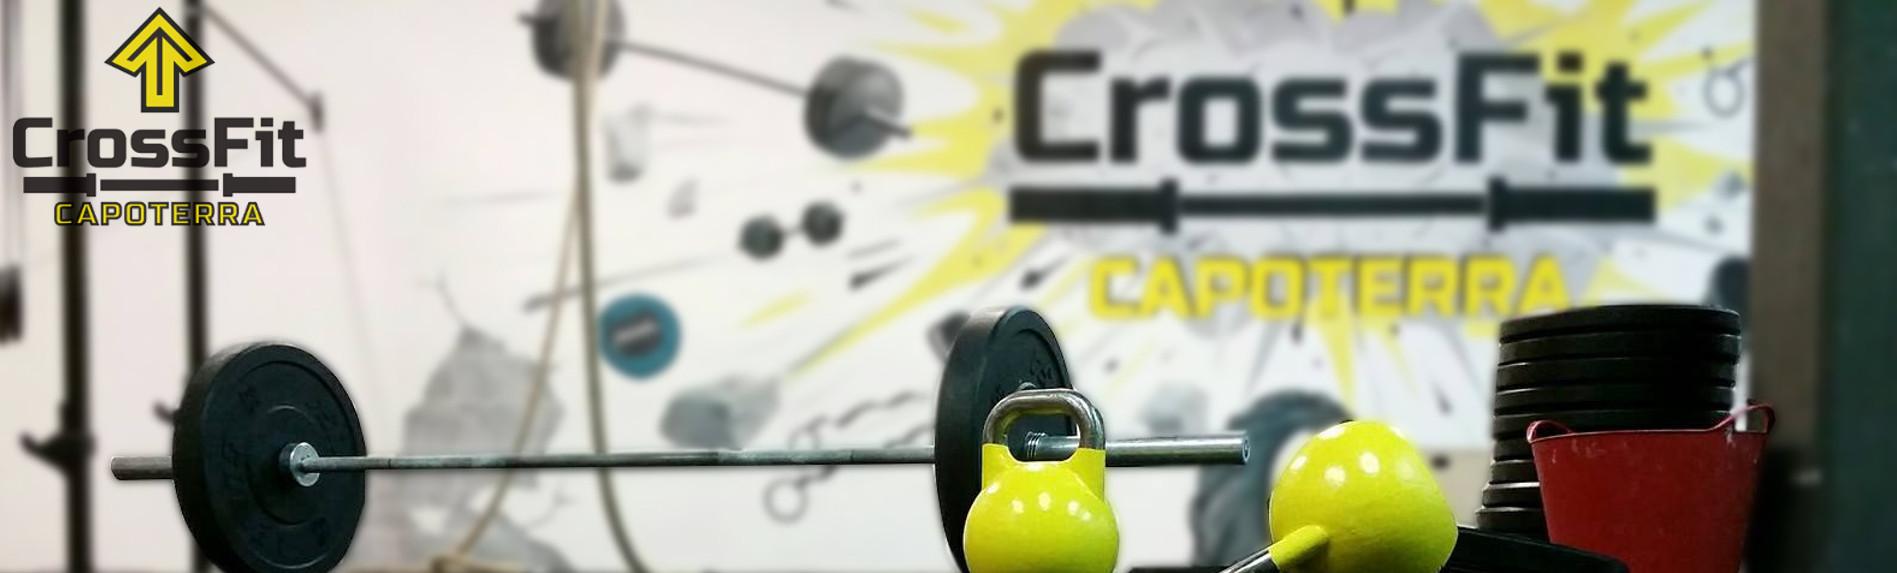 Vuoi provare il vero CrossFit?